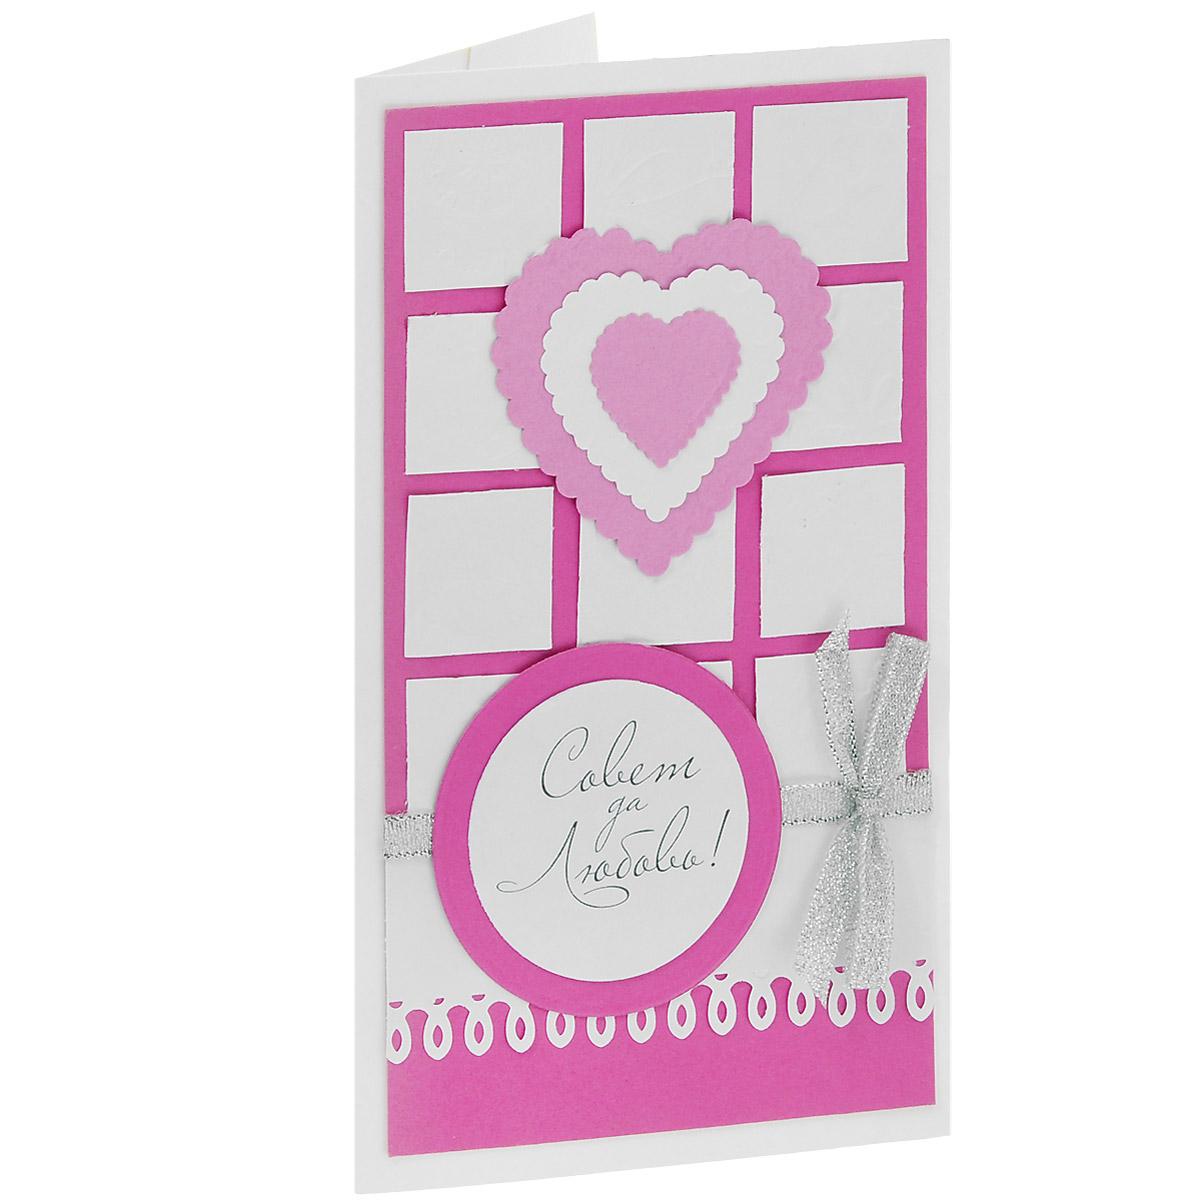 ОСВ-0006 Открытка-конверт «Совет да Любовь!» (сердечко на кубиках). Студия «Тётя Роза»117918Характеристики: Размер 19 см x 11 см.Материал: Высоко-художественный картон, бумага, декор. Данная открытка может стать как прекрасным дополнением к вашему подарку, так и самостоятельным подарком. Так как открытка является и конвертом, в который вы можете вложить ваш денежный подарок или просто написать ваши пожелания на вкладыше.Яркая эффектная открытка для свадебного поздравлениярешена в бело-розовой гамме. Кружевное трехслойное сердечко в центре композиции располагается на кубиках с разнообразным рельефным тиснением. По нижнему краю пропущен ажурный фриз. Открытка дополнена серебристой парчовой лентой с бантиком. Также открытка упакована в пакетик для сохранности.Обращаем Ваше внимание на то, что открытка может незначительно отличаться от представленной на фото.Открытки ручной работы от студии Тётя Роза отличаются своим неповторимым и ярким стилем. Каждая уникальна и выполнена вручную мастерами студии. (Открытка для мужчин, открытка для женщины, открытка на день рождения, открытка с днем свадьбы, открытка винтаж, открытка с юбилеем, открытка на все случаи, скрапбукинг)